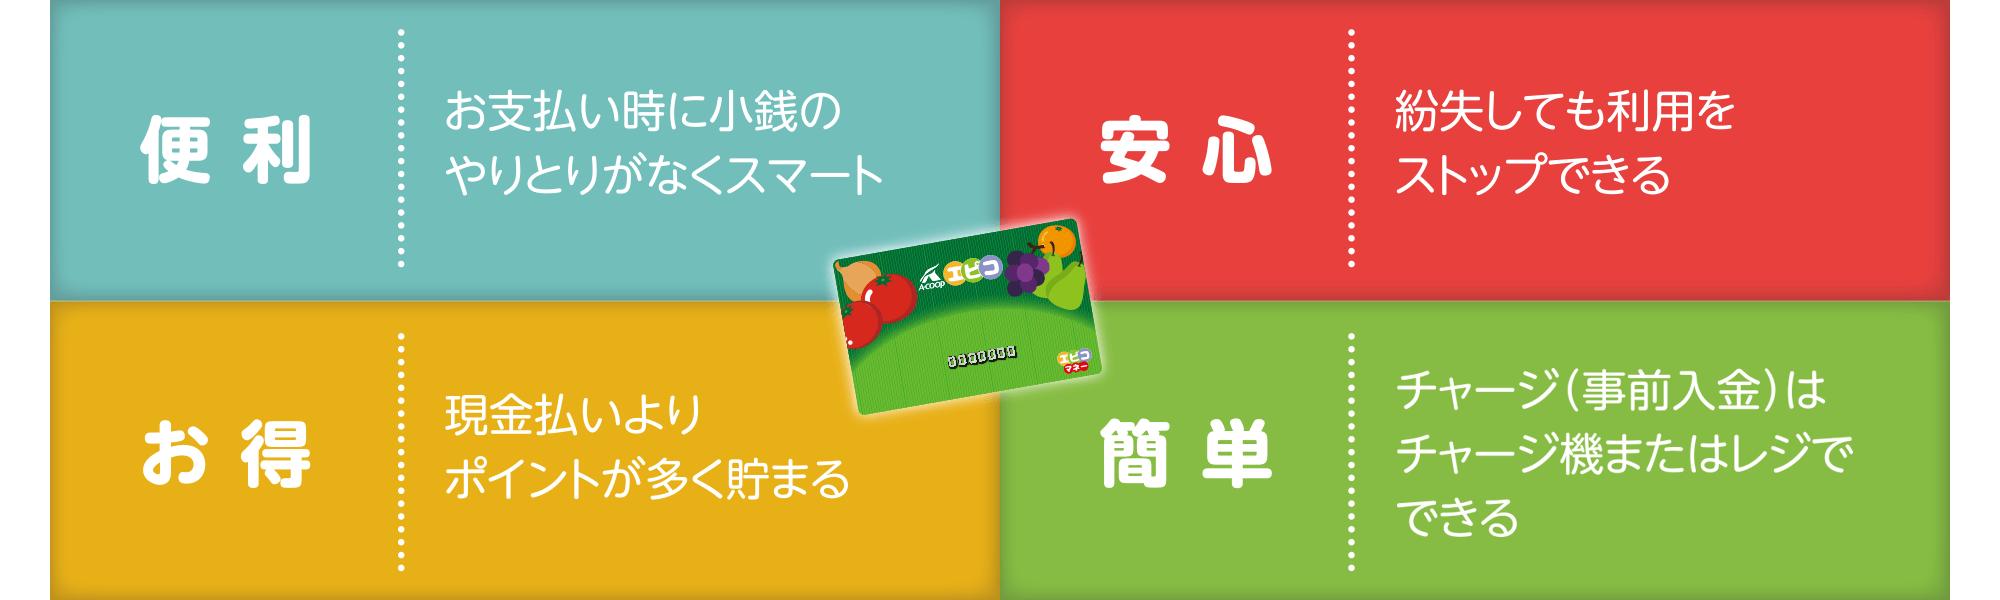 便 利/安 心/お 得/簡 単